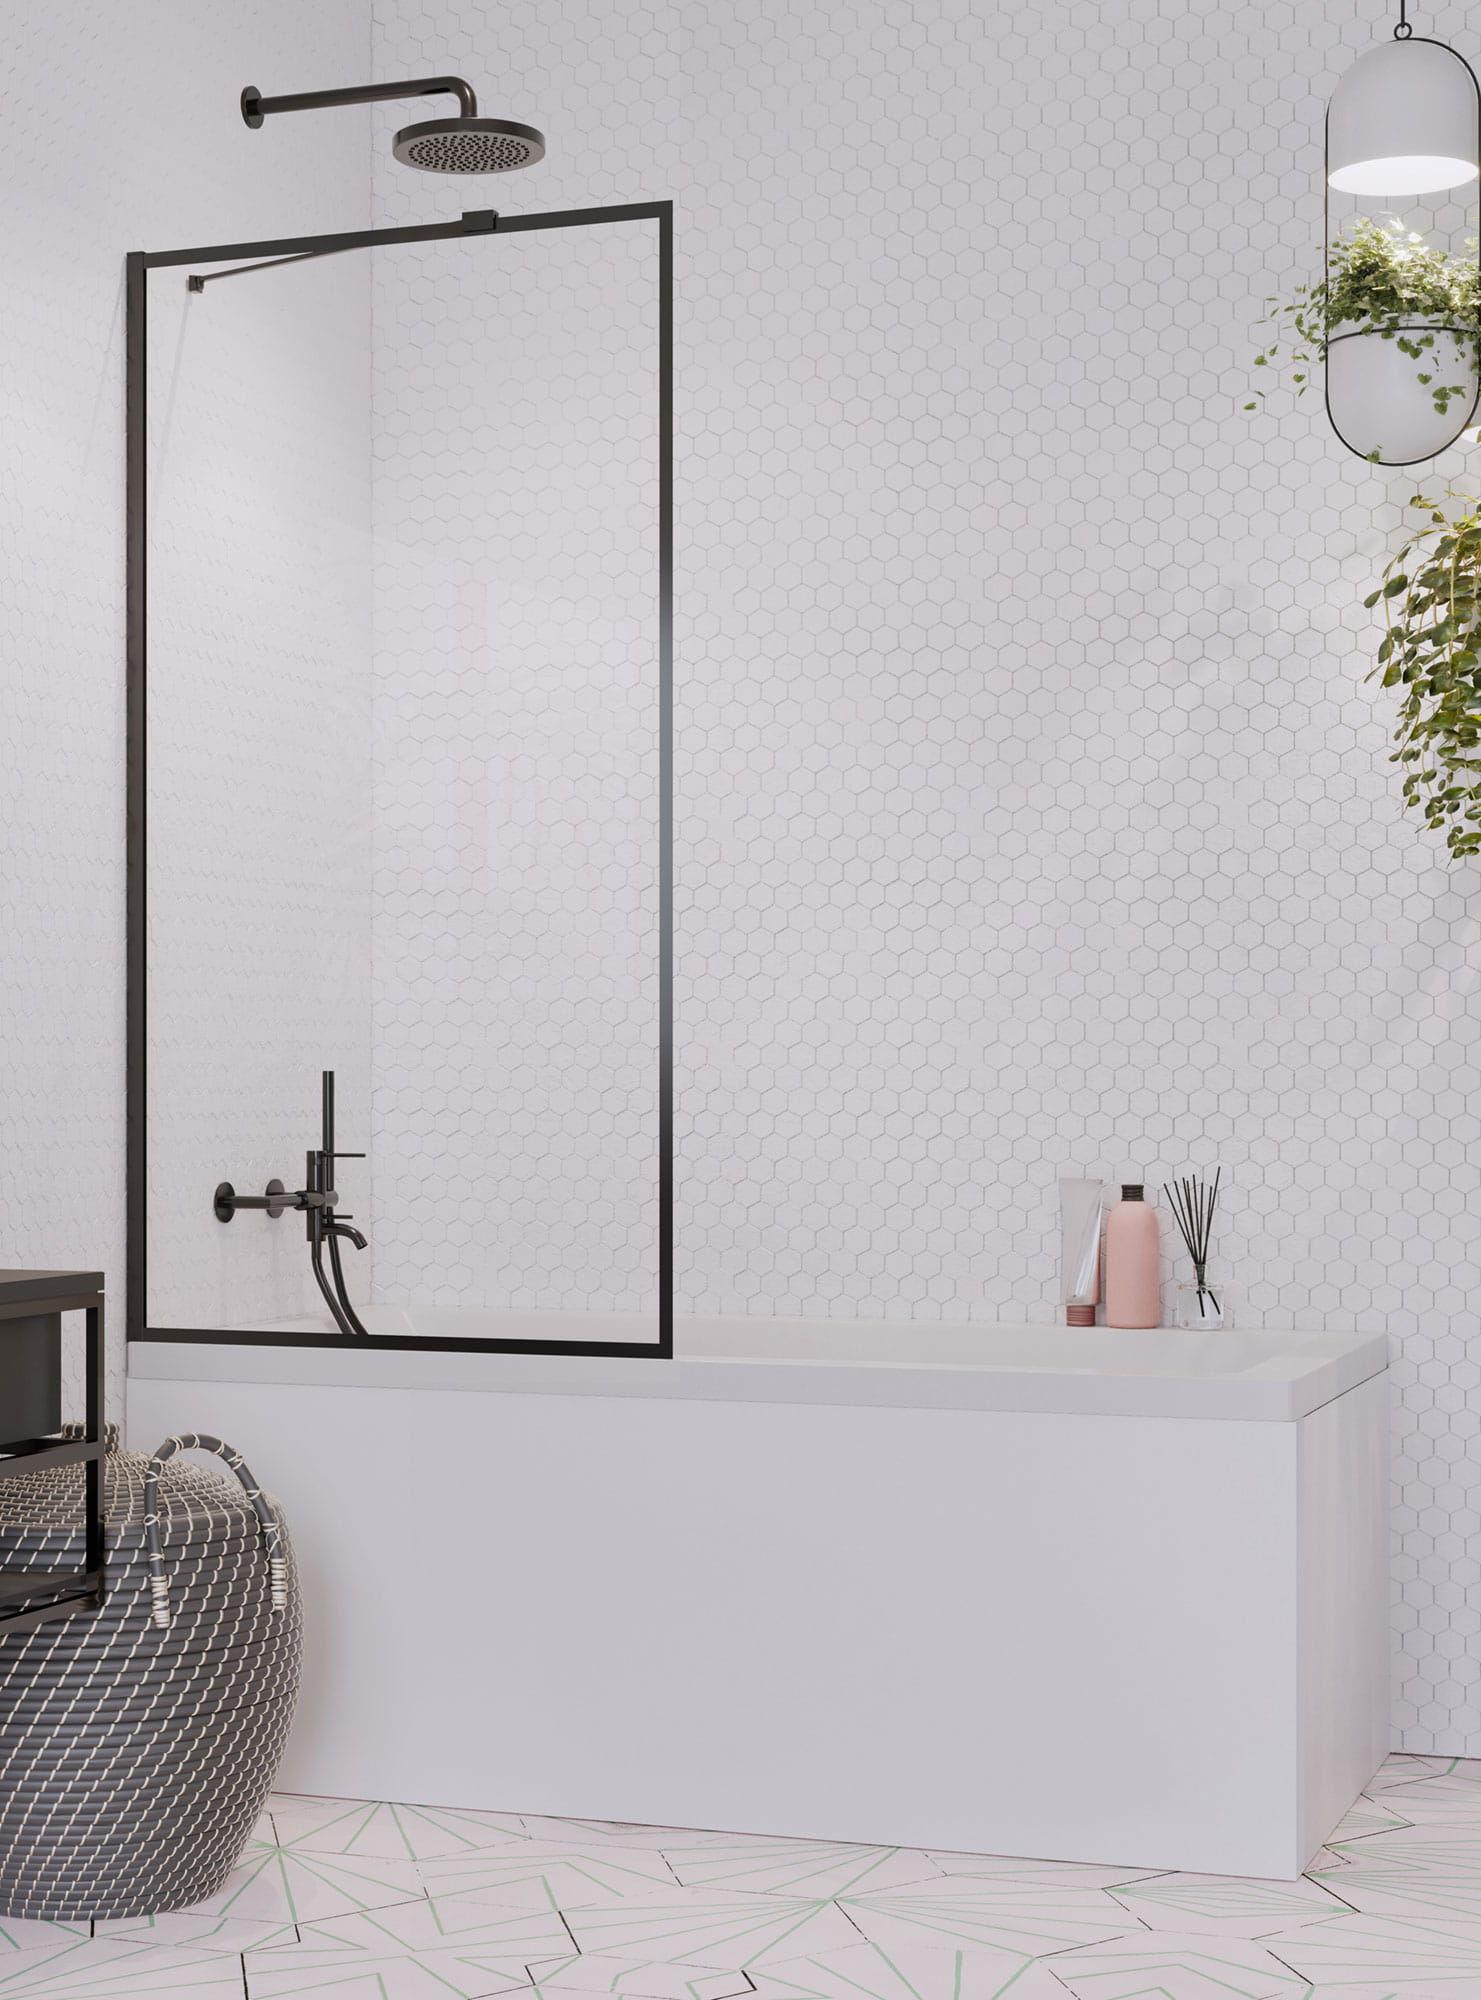 Radaway parawan nawannowy Idea Black PNJ Frame 80 cm, szkło przejrzyste, wys. 150 cm 10001080-54-56